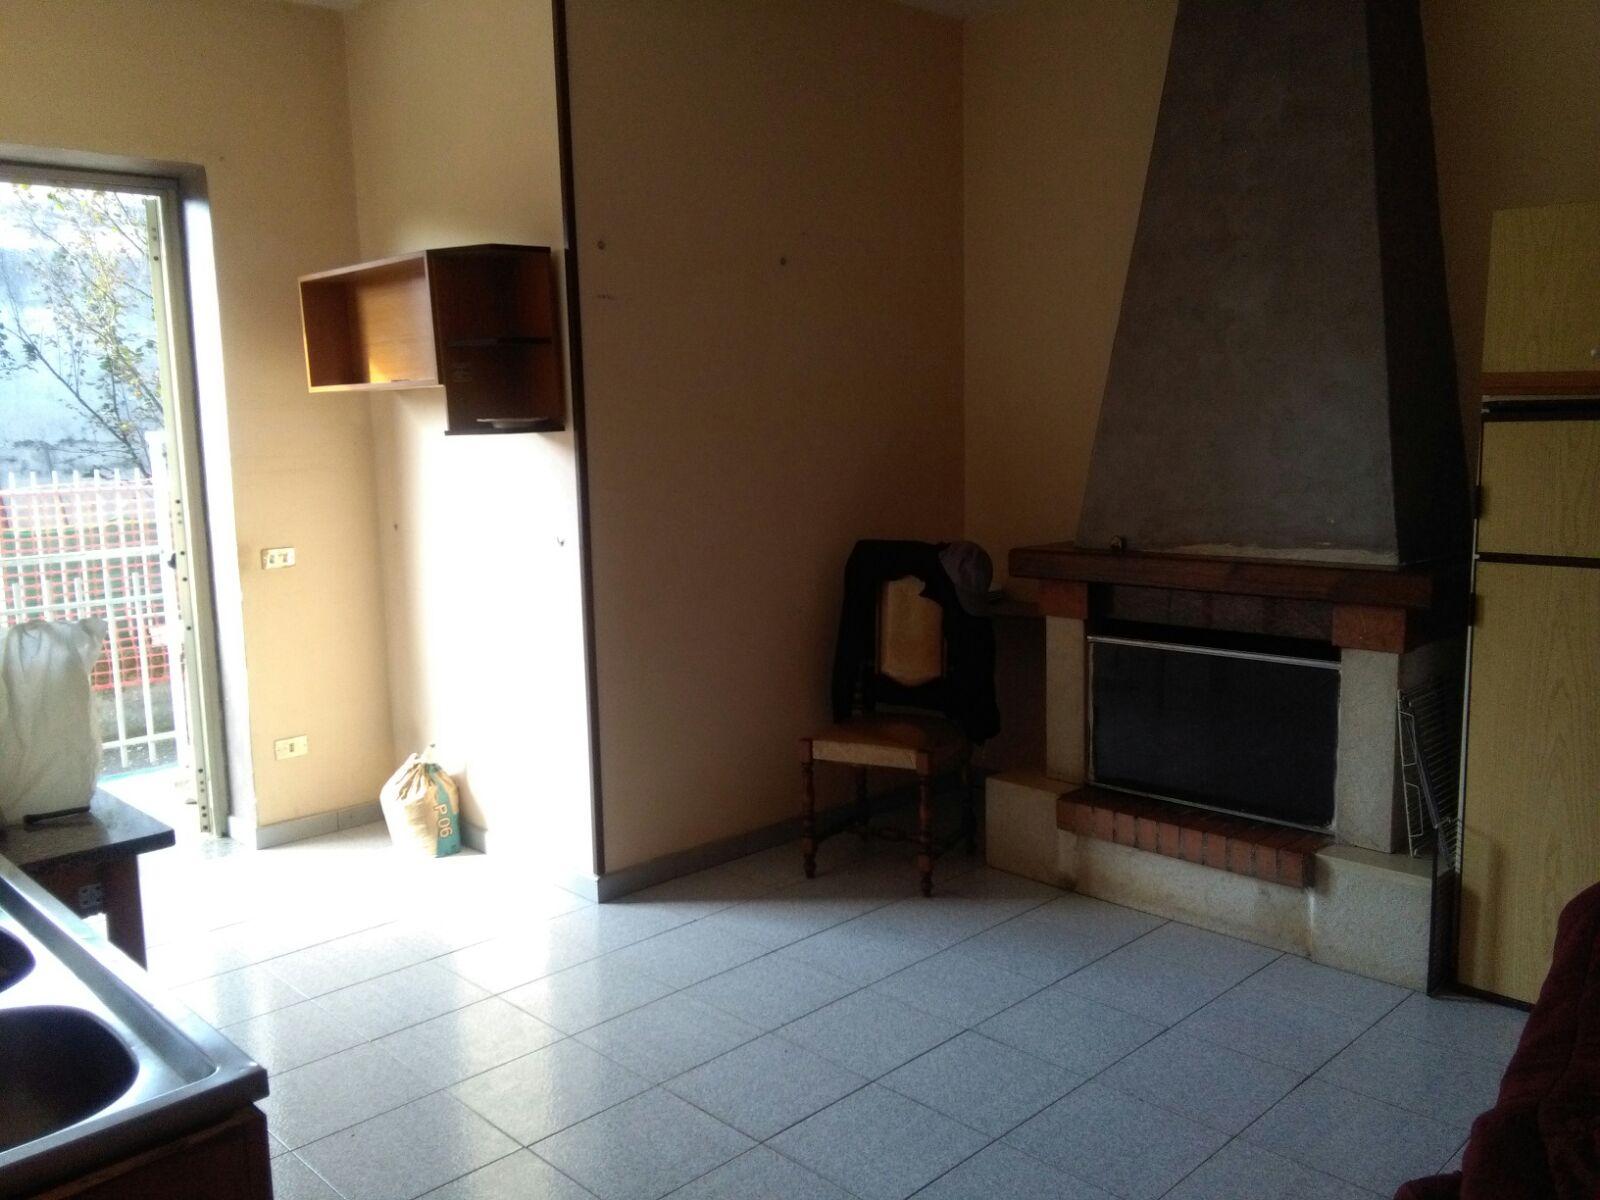 Appartamento in affitto a Ottaviano, 3 locali, prezzo € 300 | CambioCasa.it